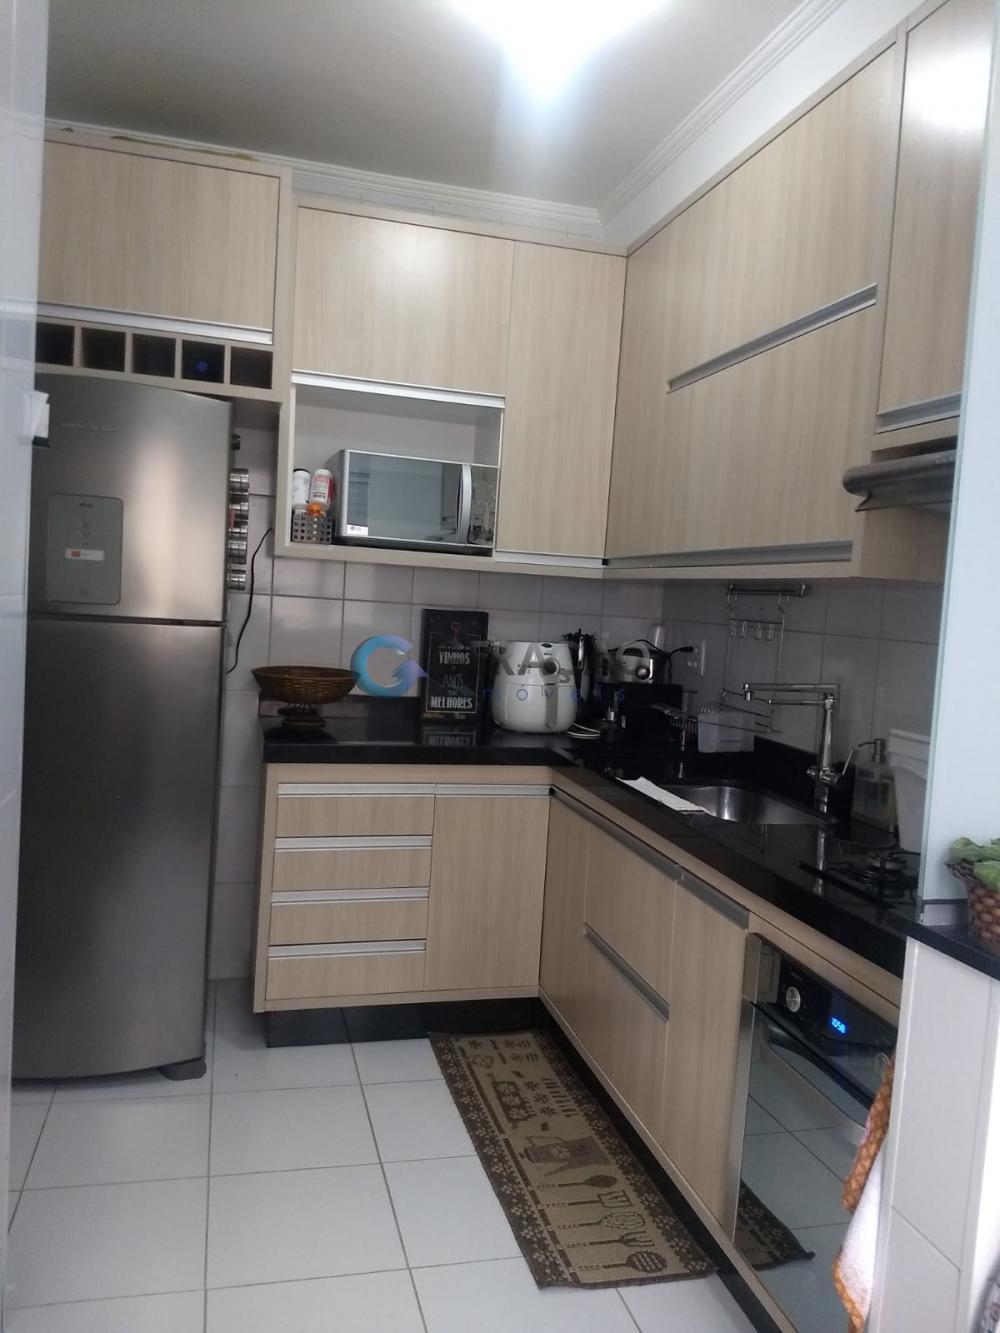 Comprar Apartamento / Padrão em São José dos Campos R$ 290.000,00 - Foto 5